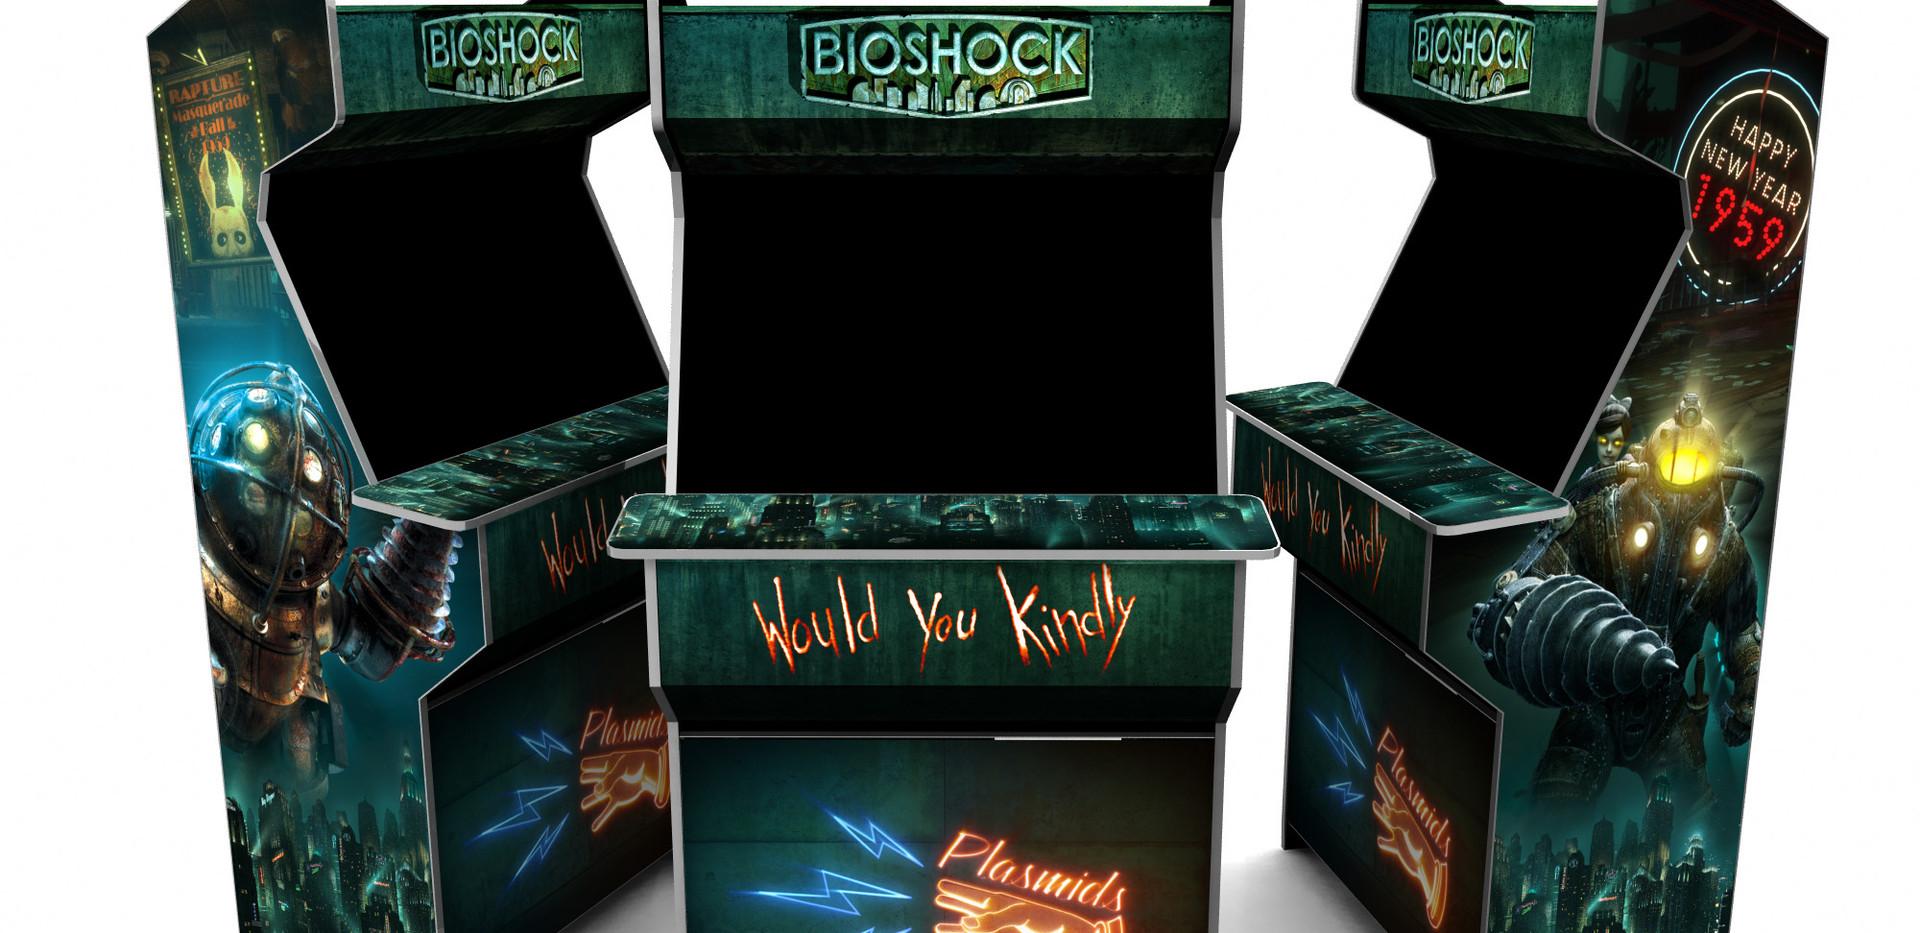 Bioshock arcade